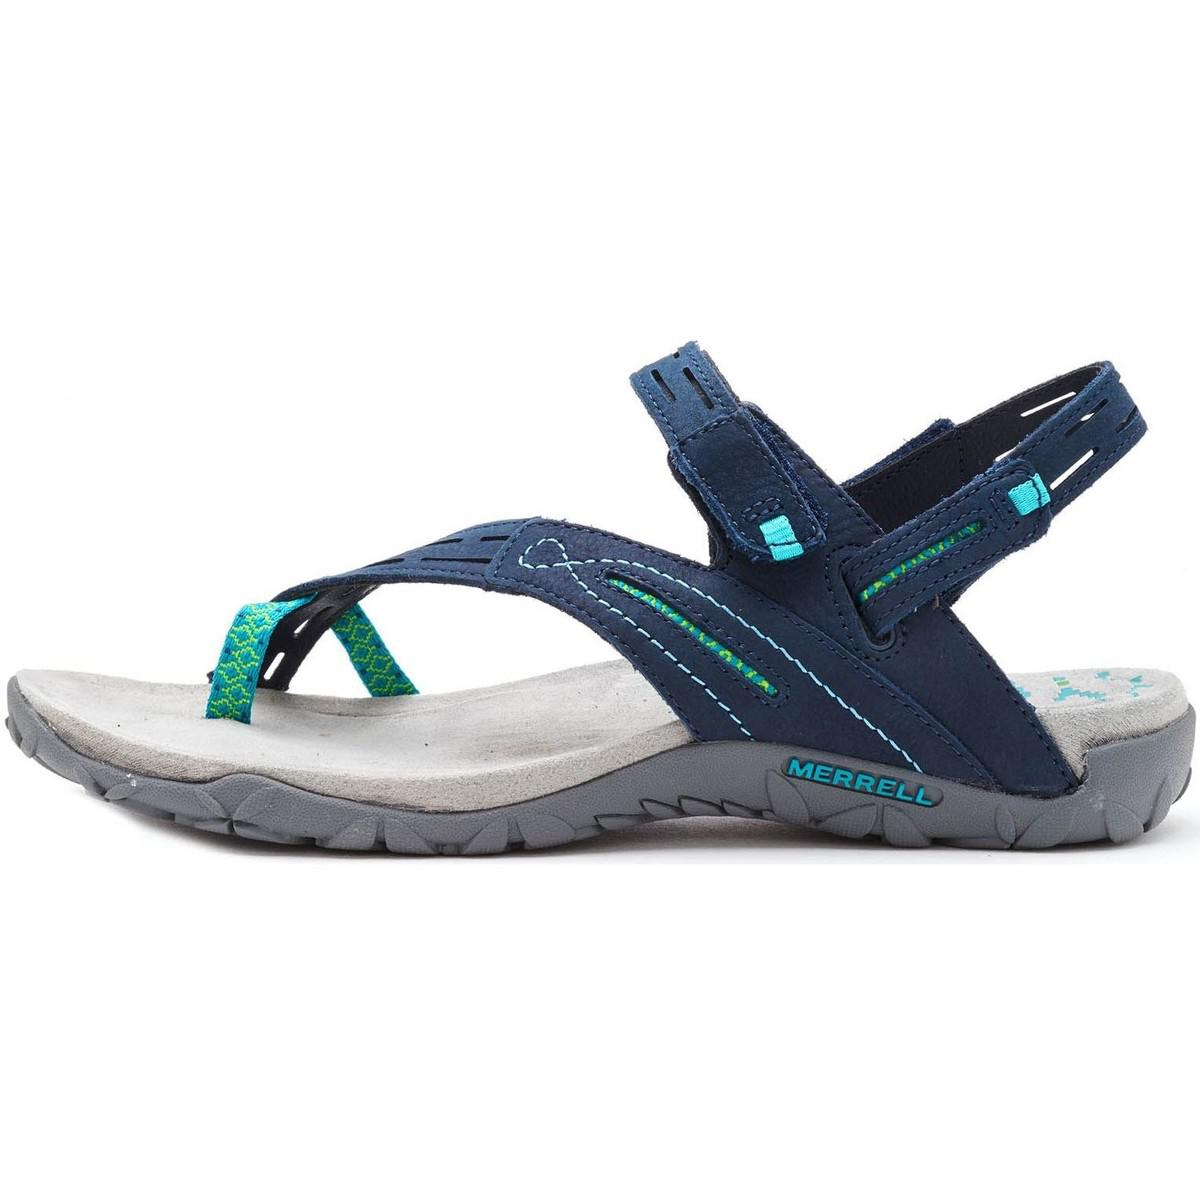 d9ffaca93351 Merrell - Terran Convertible Ii Women Sandals In Navy Blue J54818 Women s  Sandals In Blue -. View fullscreen